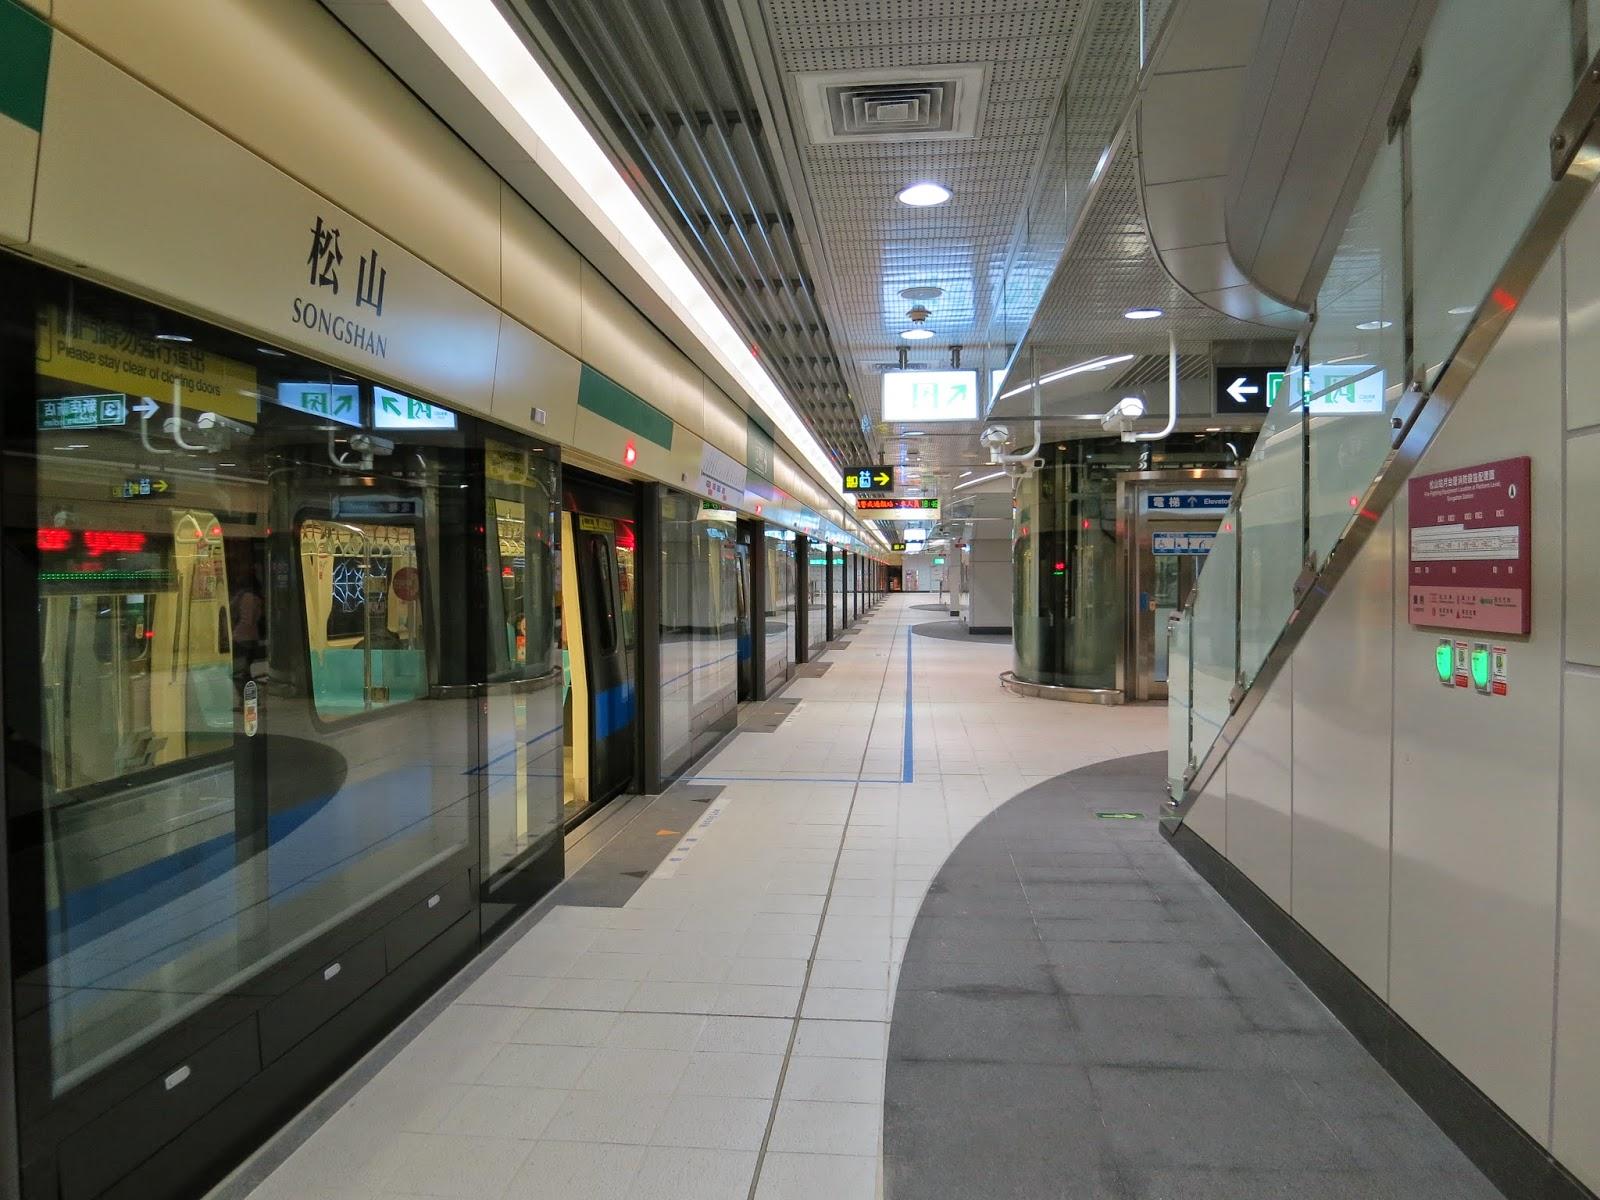 外國月亮: 捷運線的松山與新店